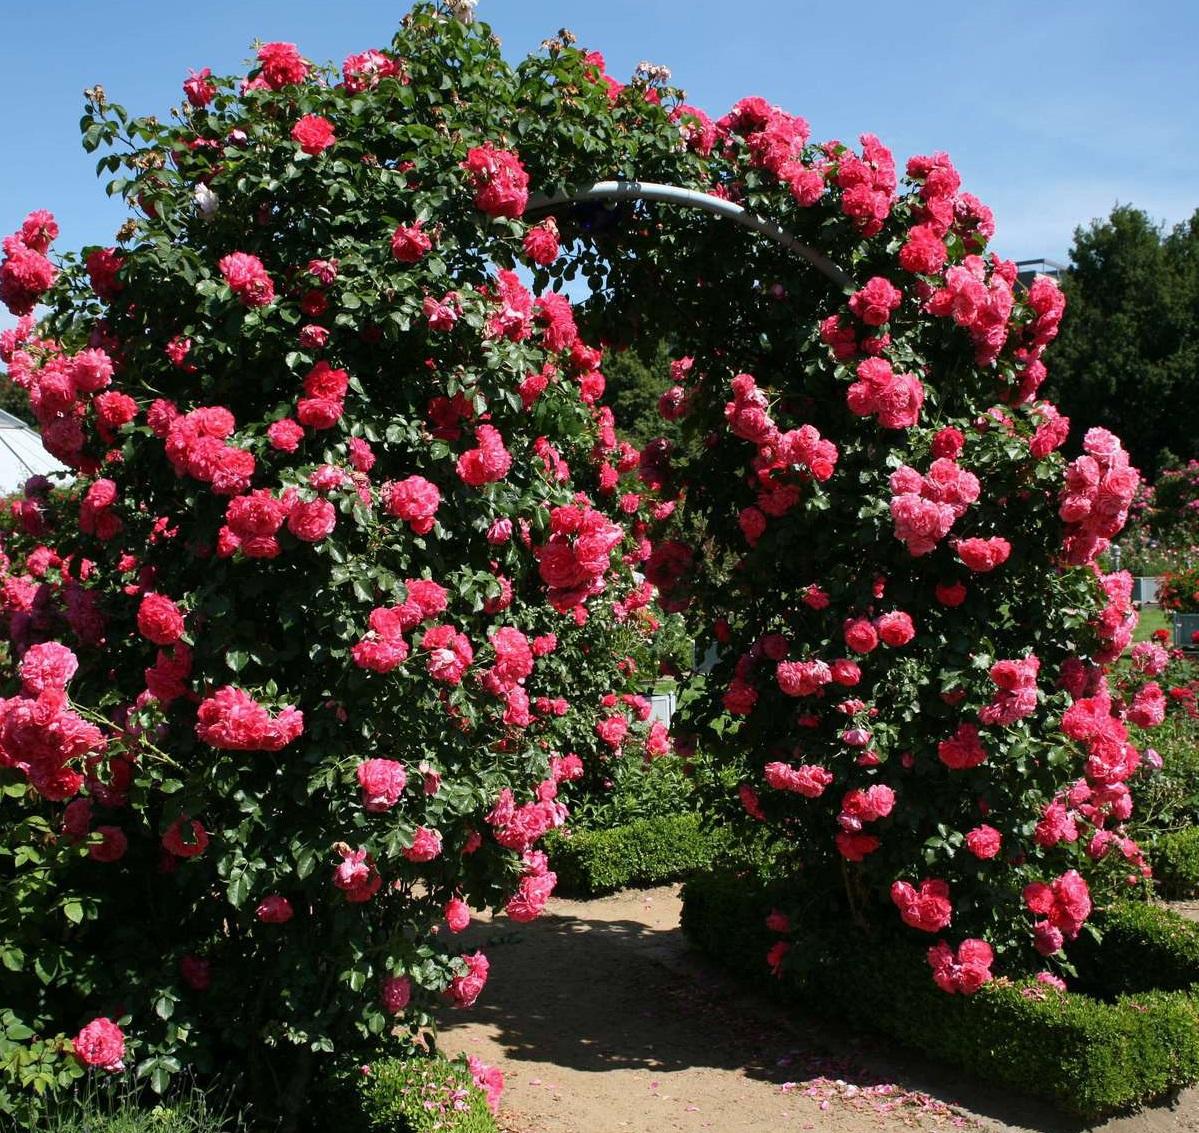 Роза «хендель» (26 фото): описание плетистого сорта и уход за ним